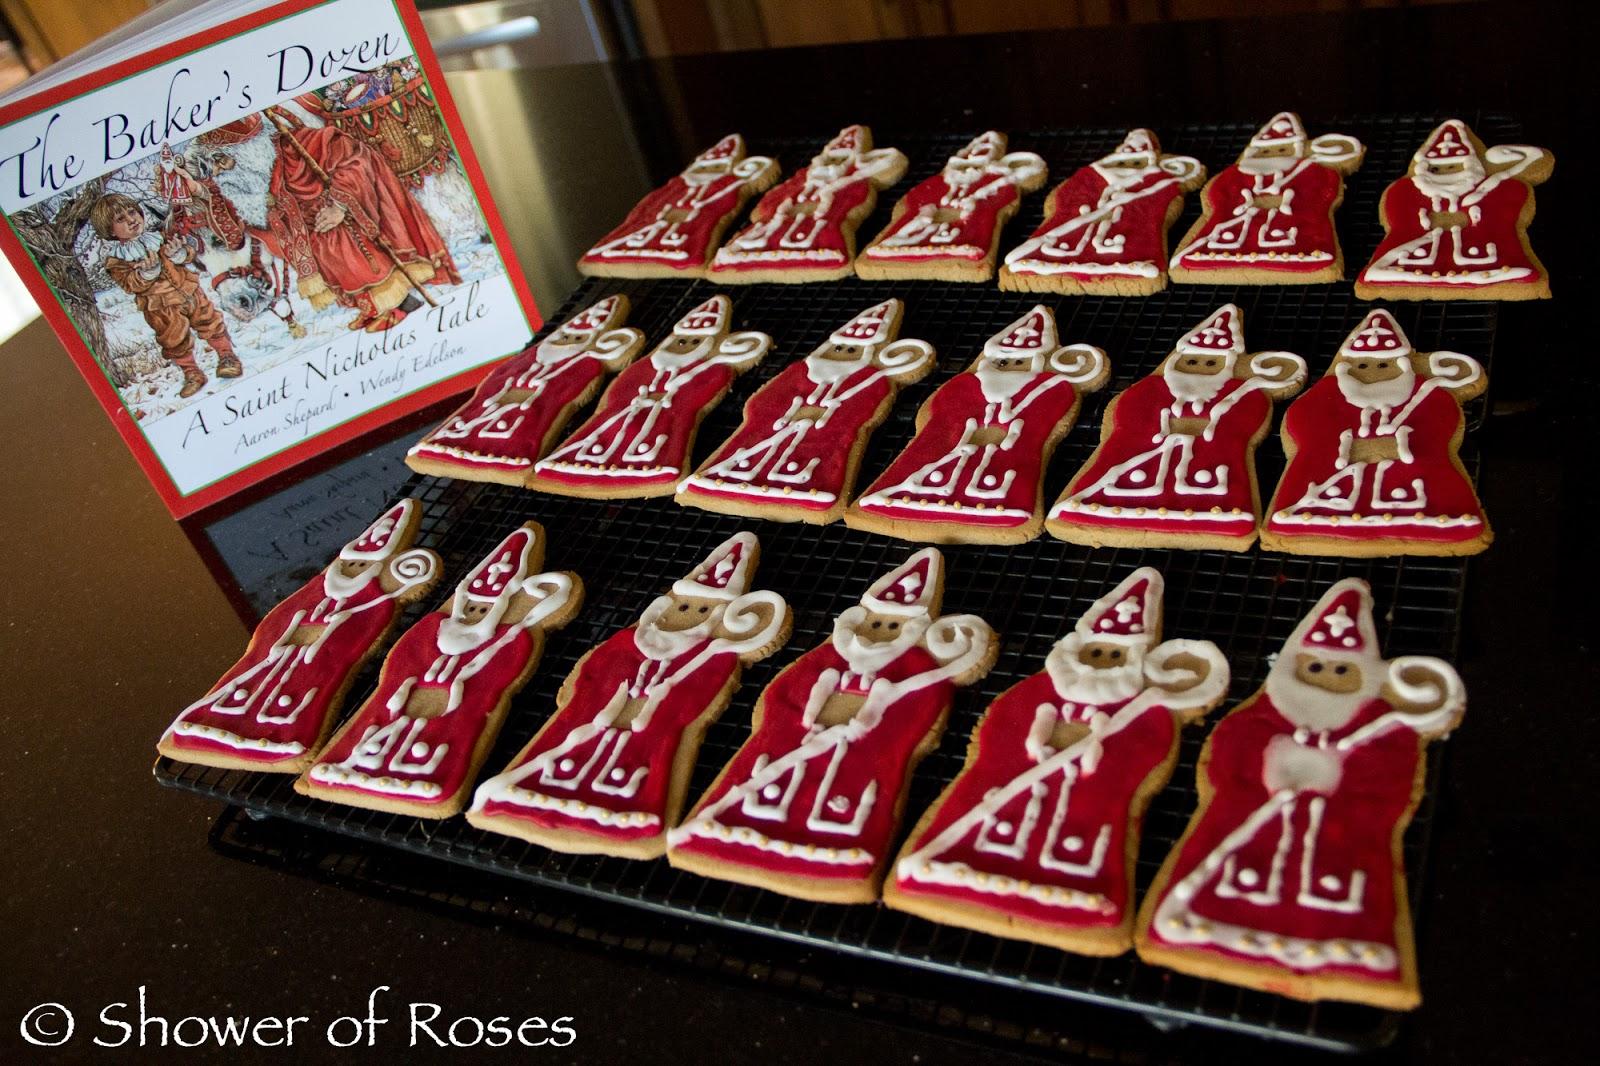 Shower of Roses: The Baker's Dozen :: A Saint Nicholas ... - photo#25